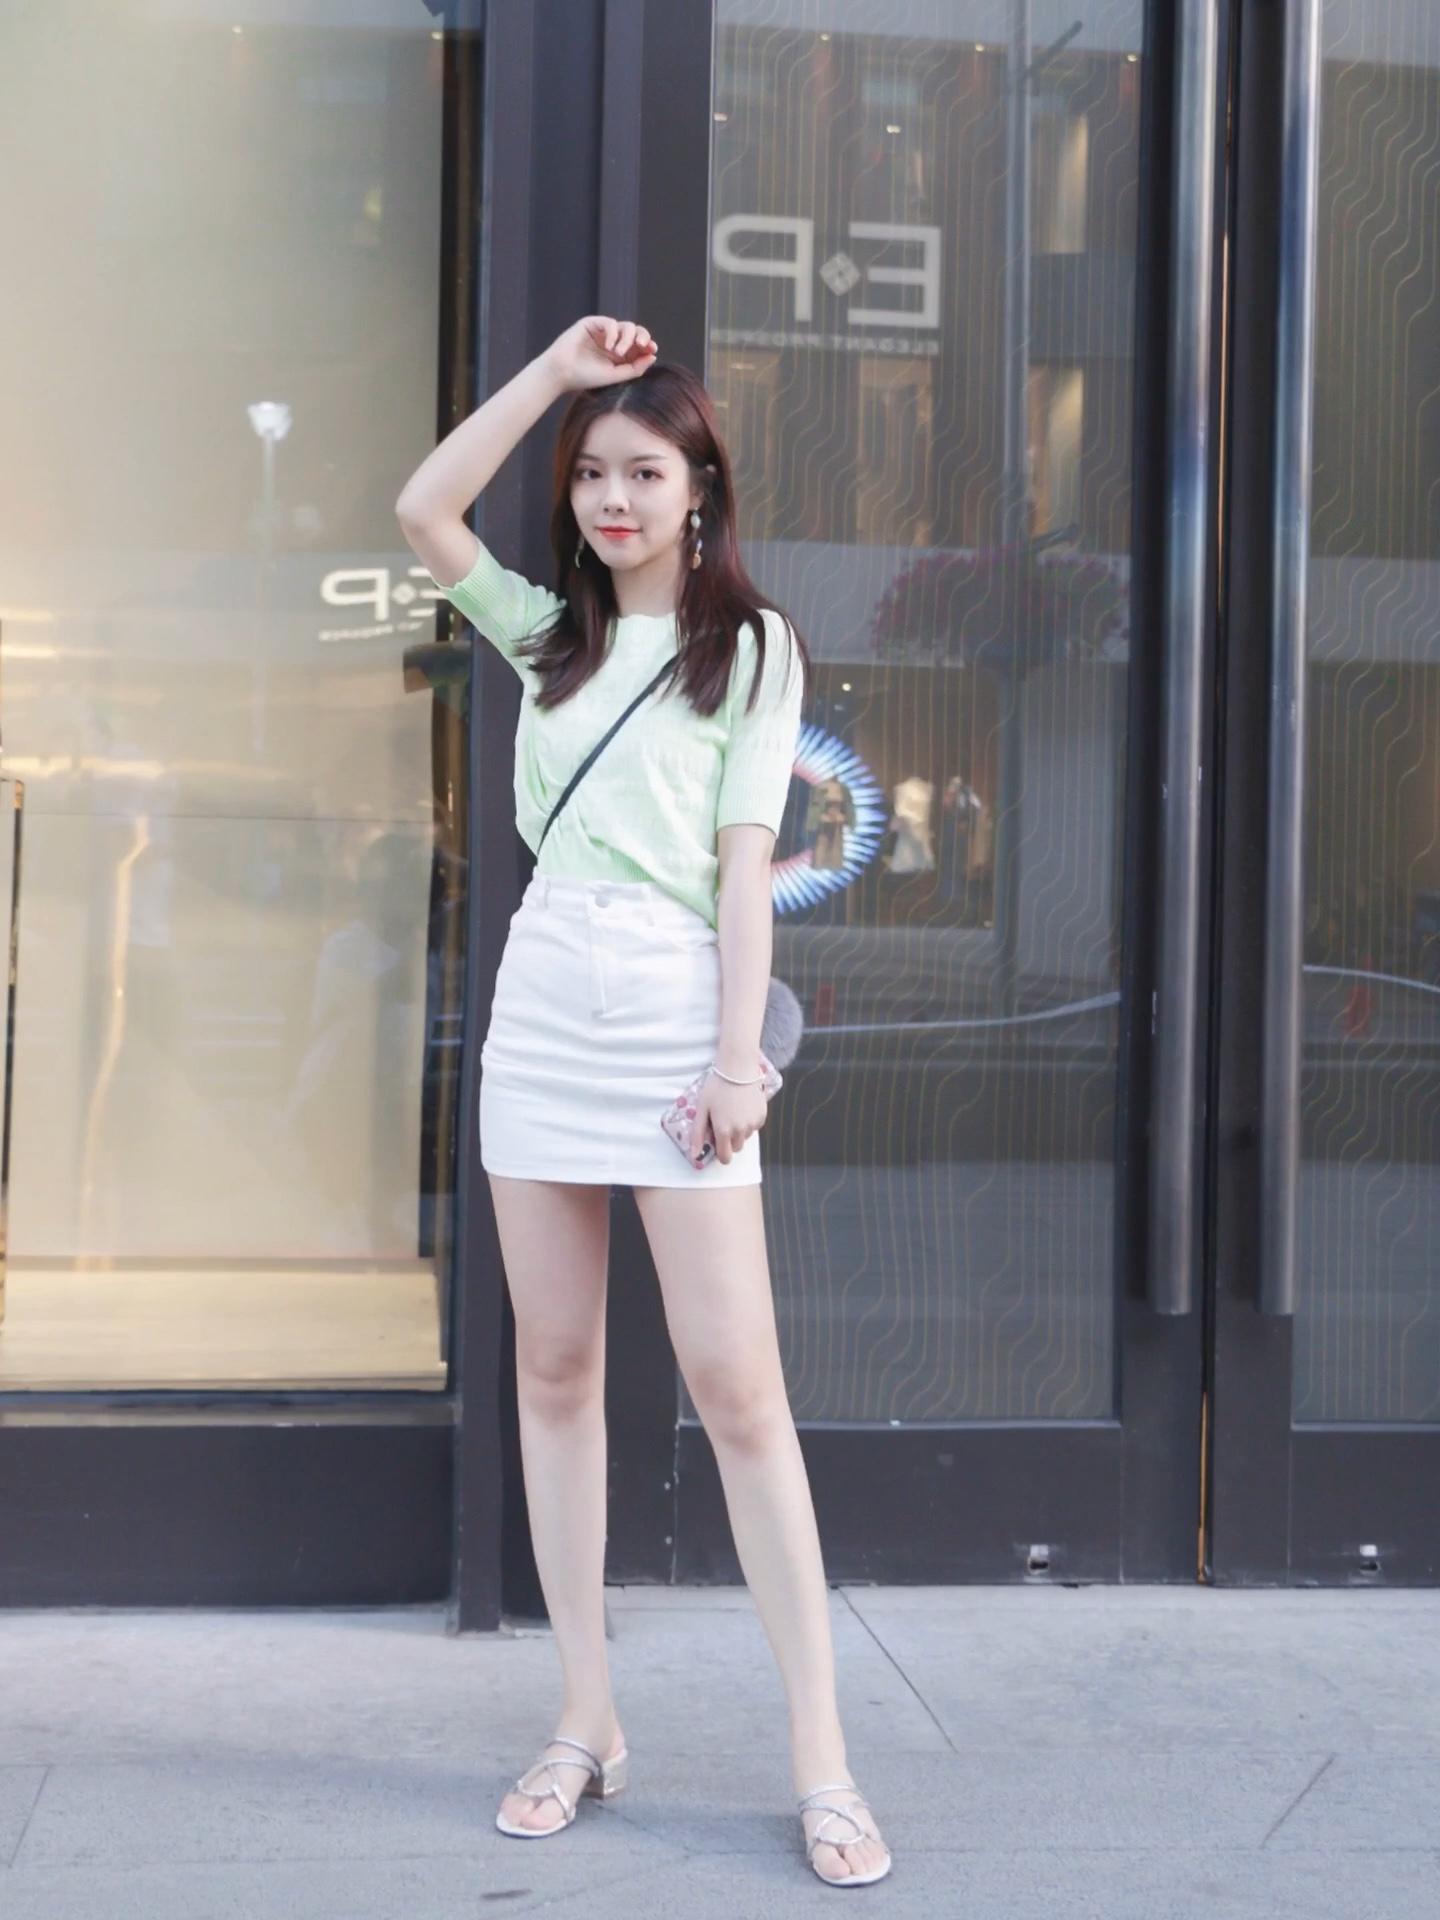 夏日必备薄荷绿,针织中袖清凉活泼 搭配a字白色针织裙 水钻鞋作为点缀 #上车!升温前赶上这趟清凉安利#